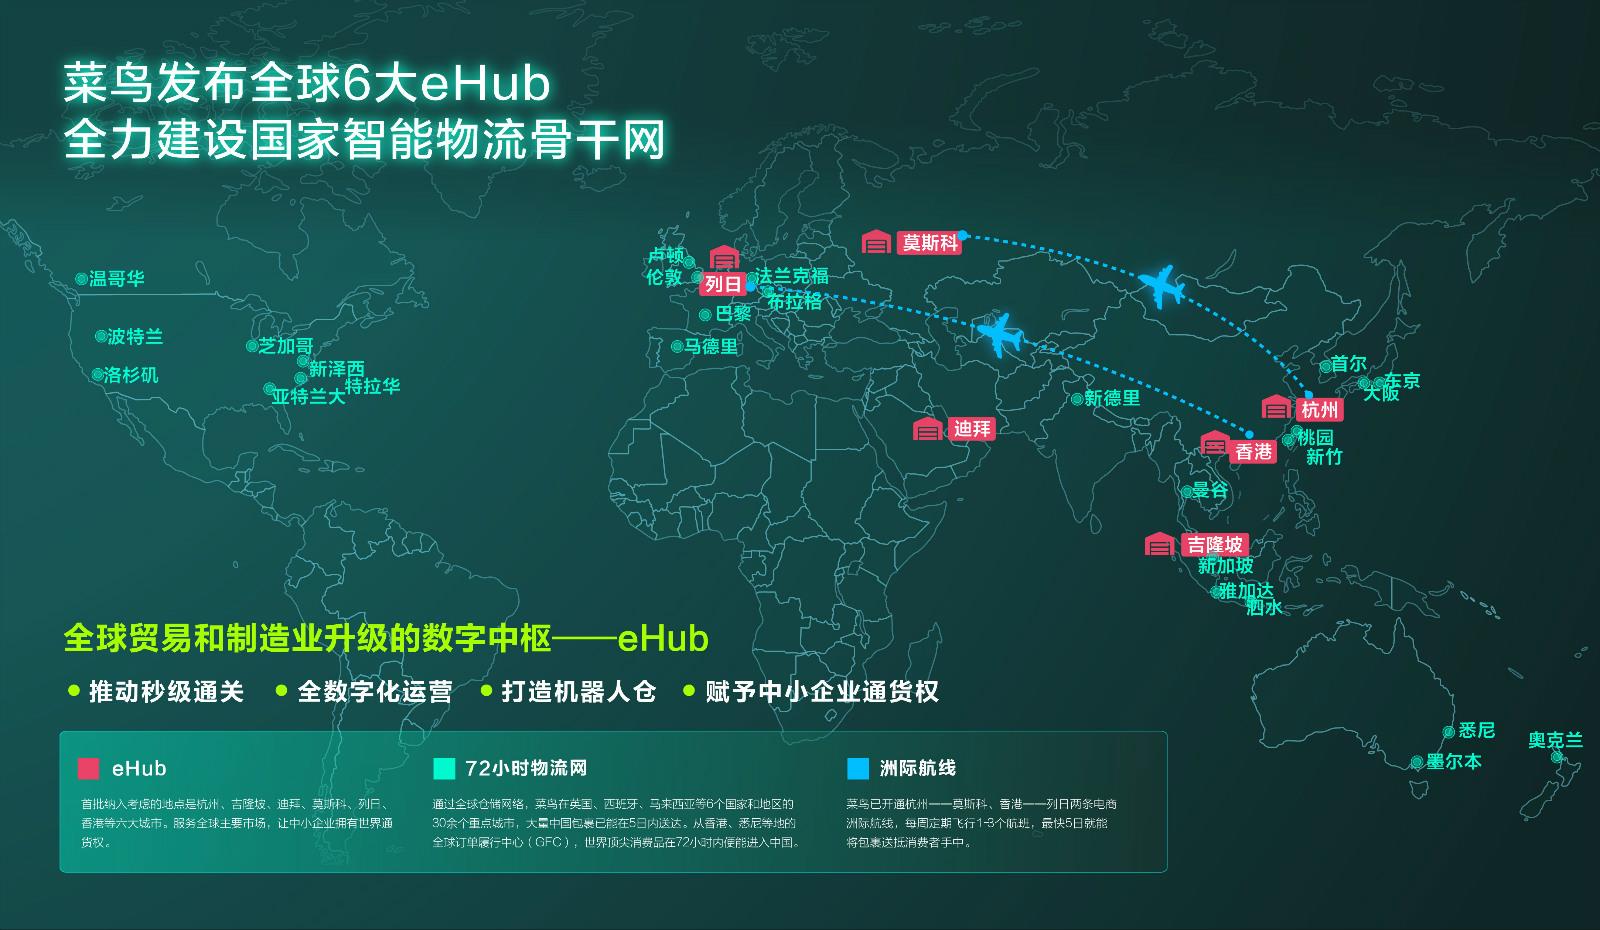 菜鸟在全球布局首批6大eHub,国家智能物流骨干网从驱动中国到驱动世界_meitu_15